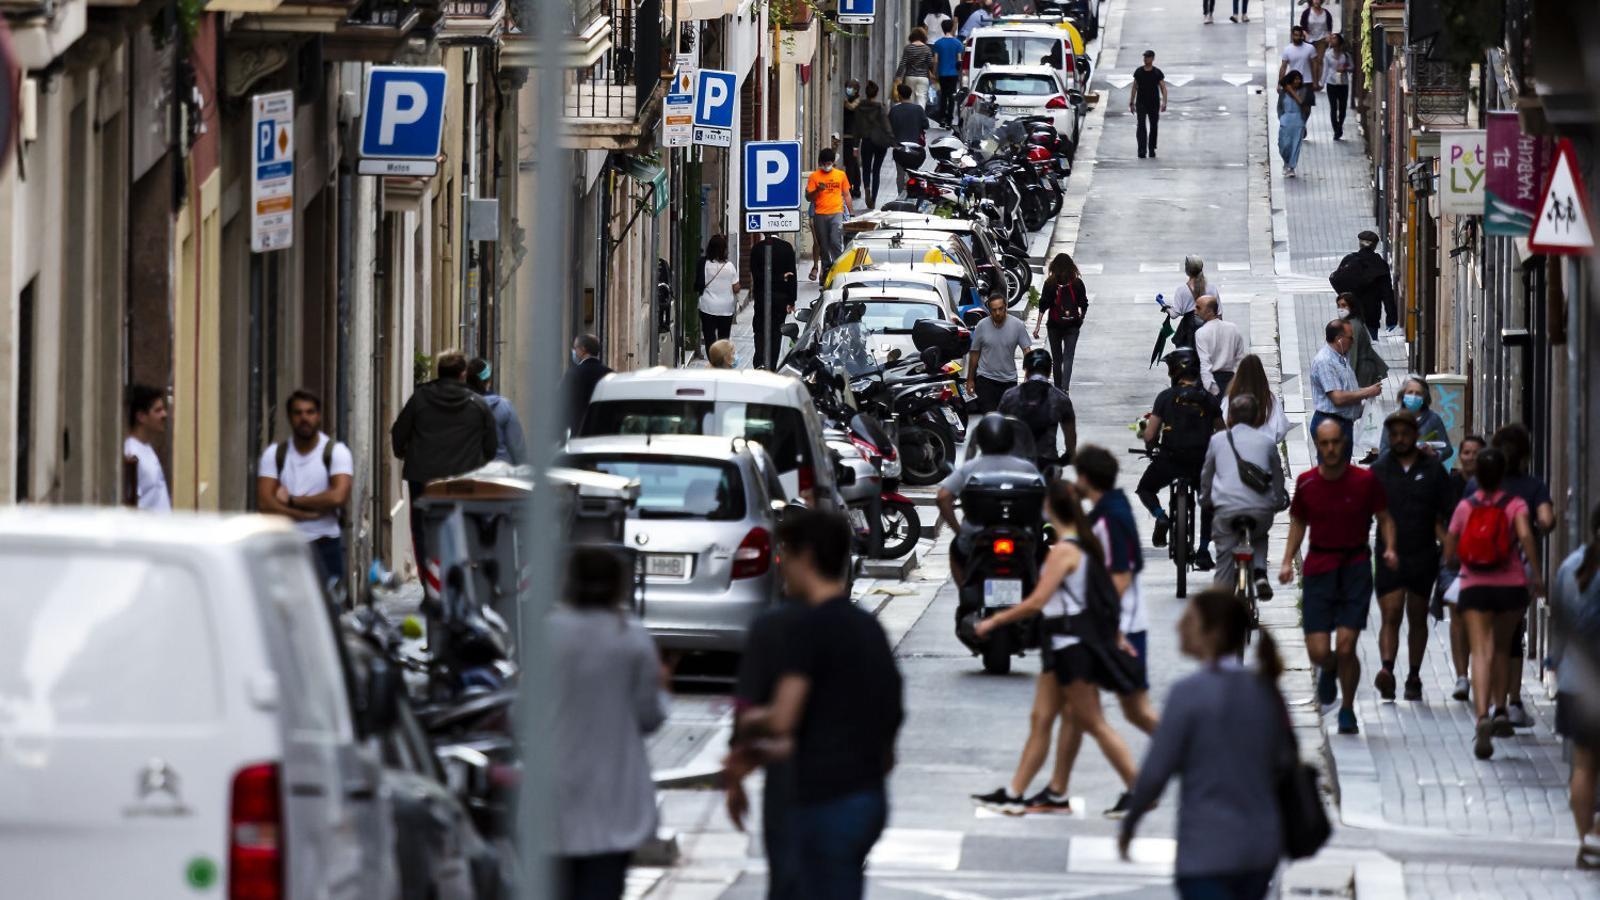 El carrer Saragossa de Barcelona durant la franja per sortir a fer esport i passejar al vespre.